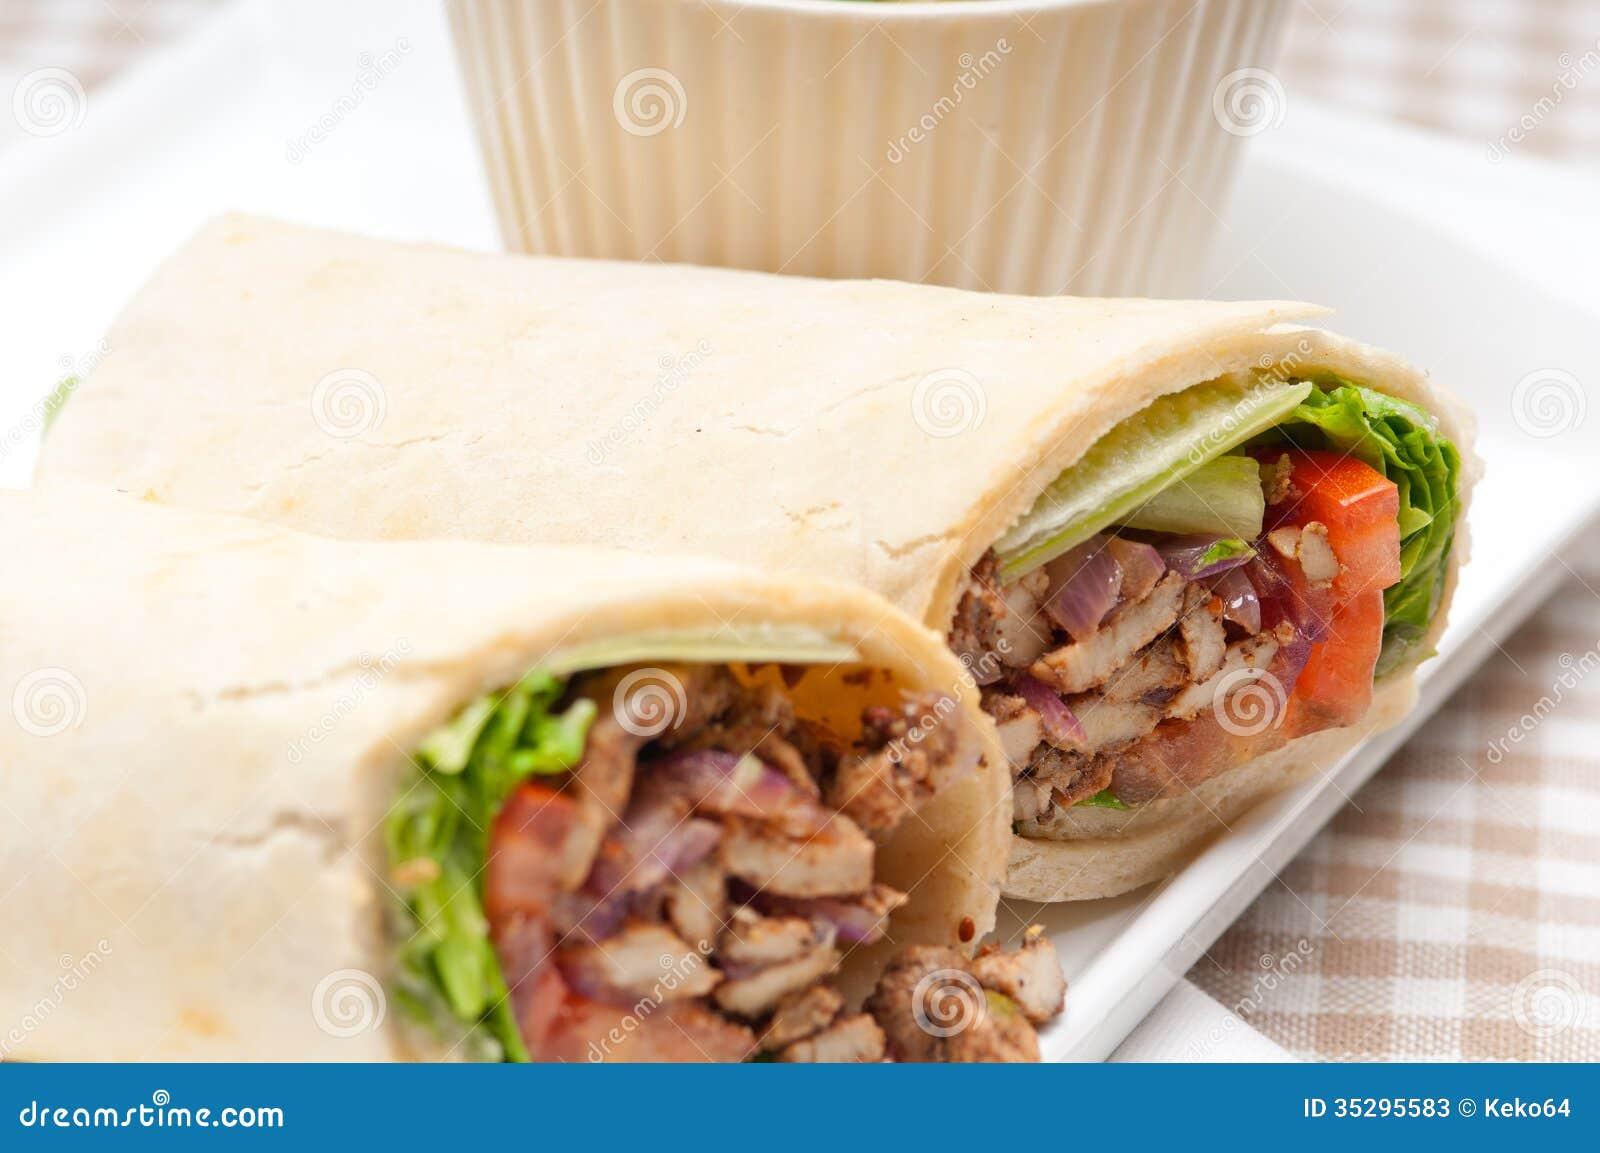 kafta shawarma chicken pita wrap roll sandwich stock